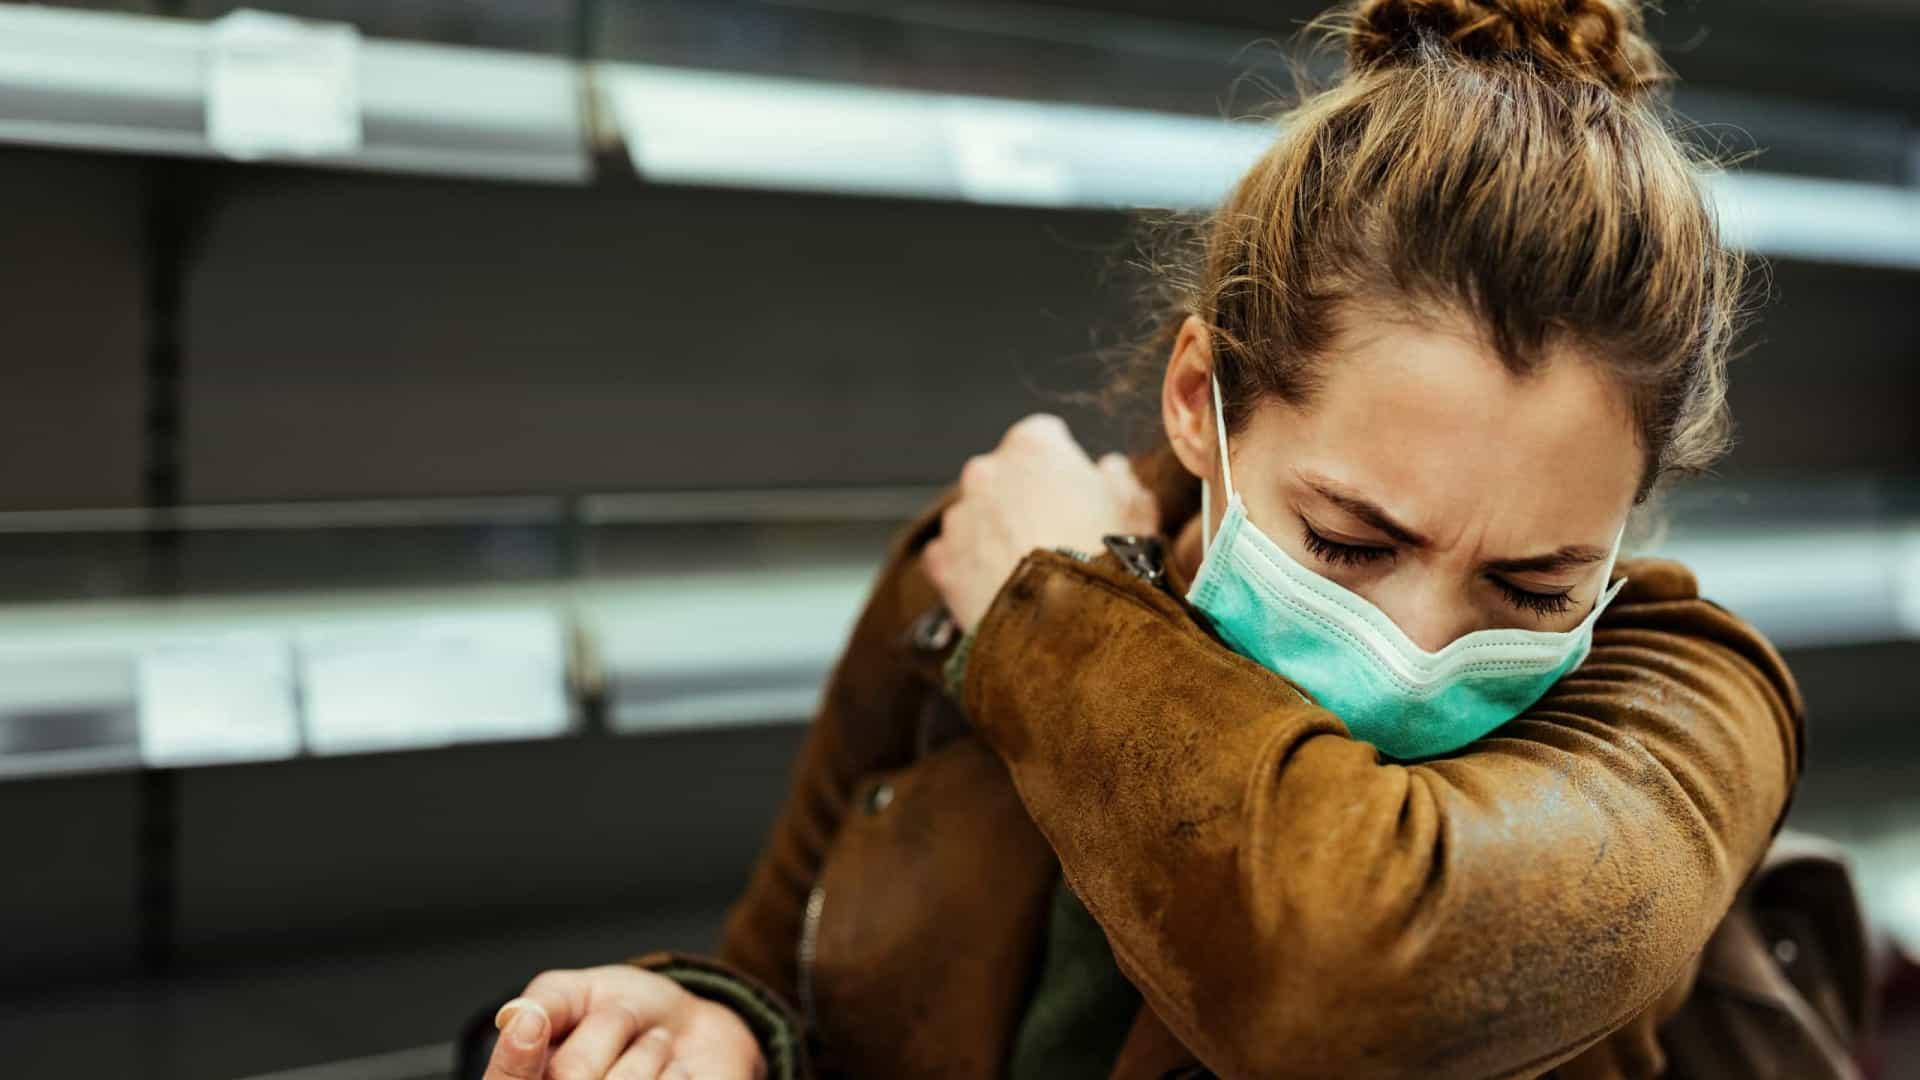 Gripe ou coronavírus? Quatro sinais de que está com 'tosse de Covid' 18